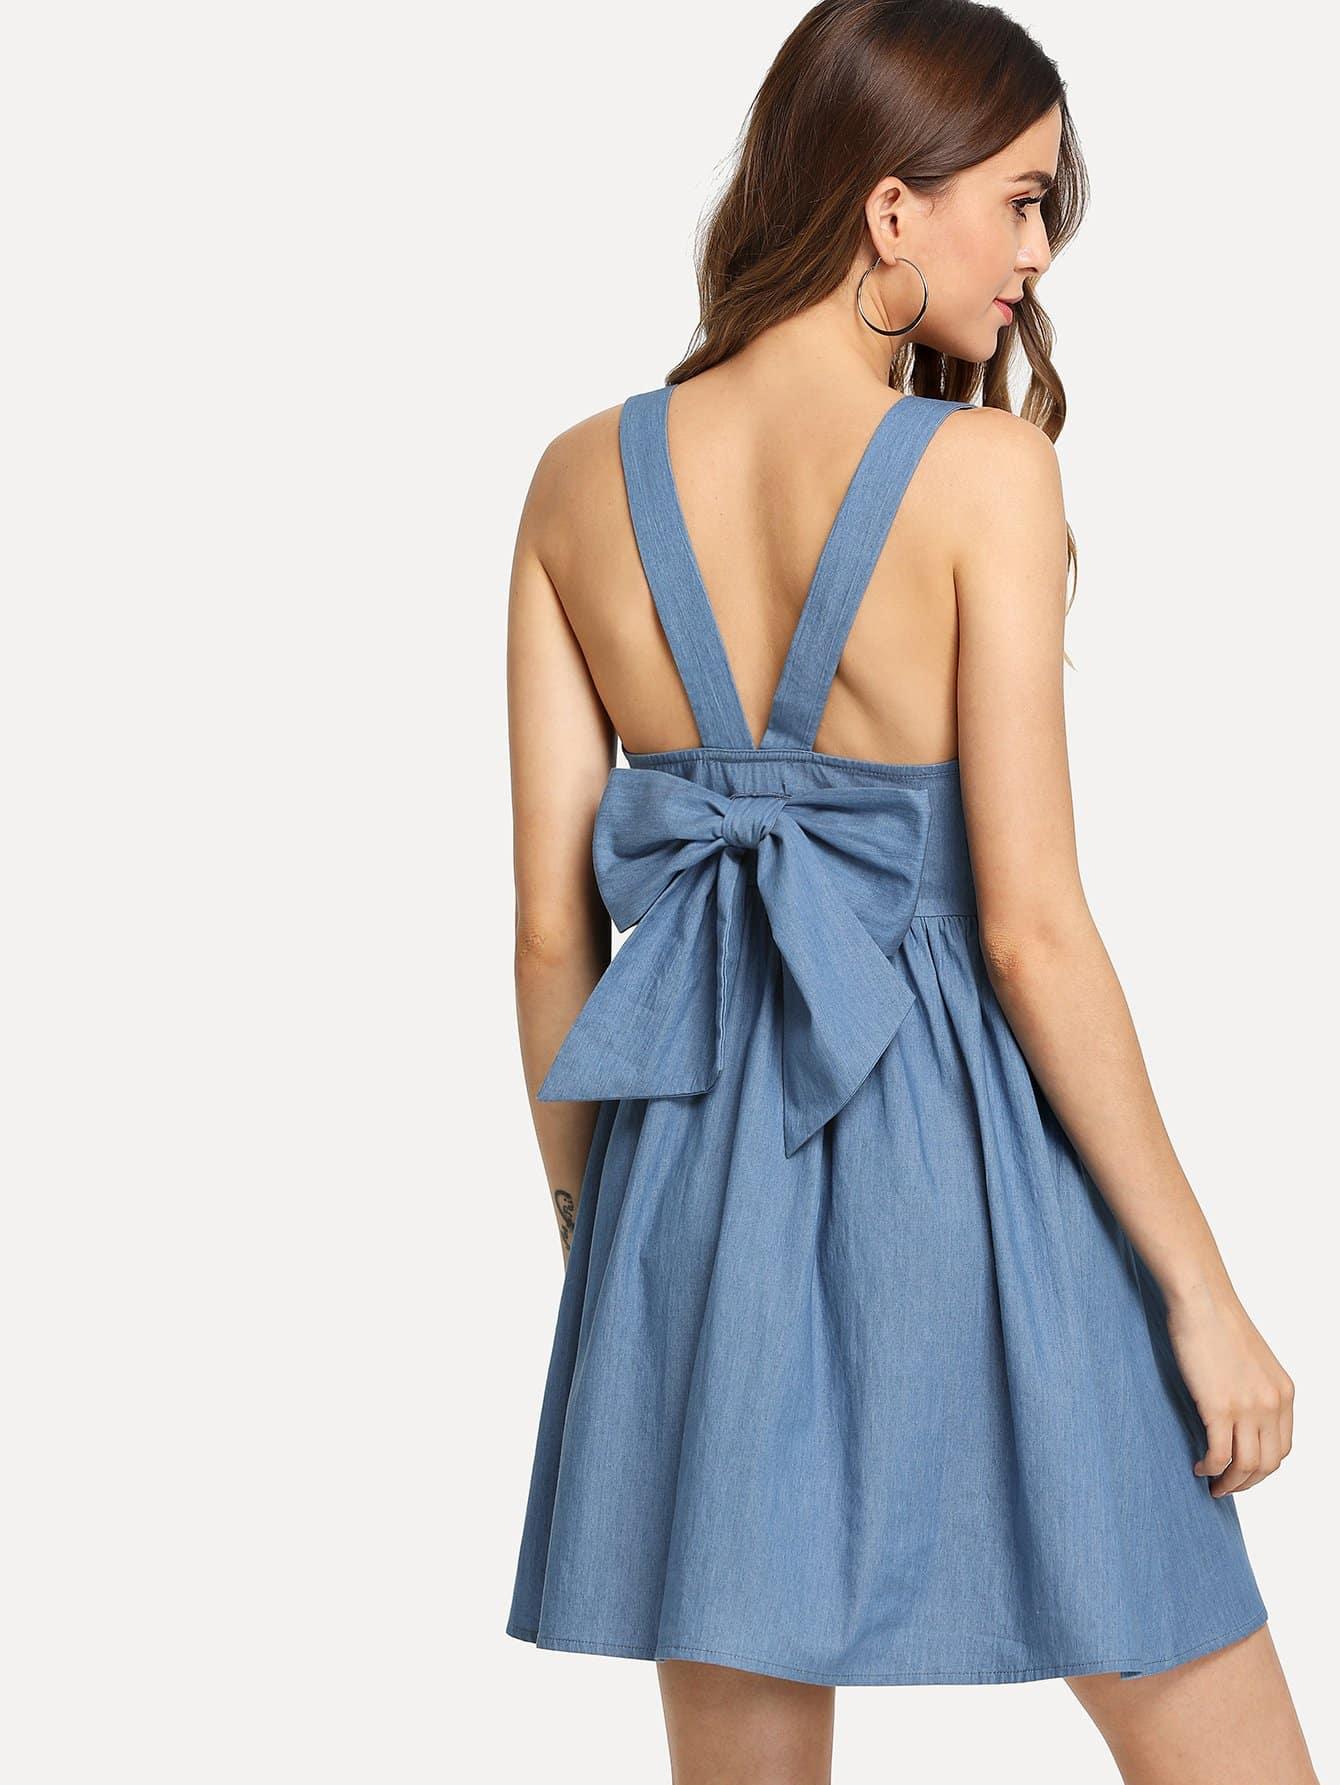 Джинсовое платье сарафан с пуговицами